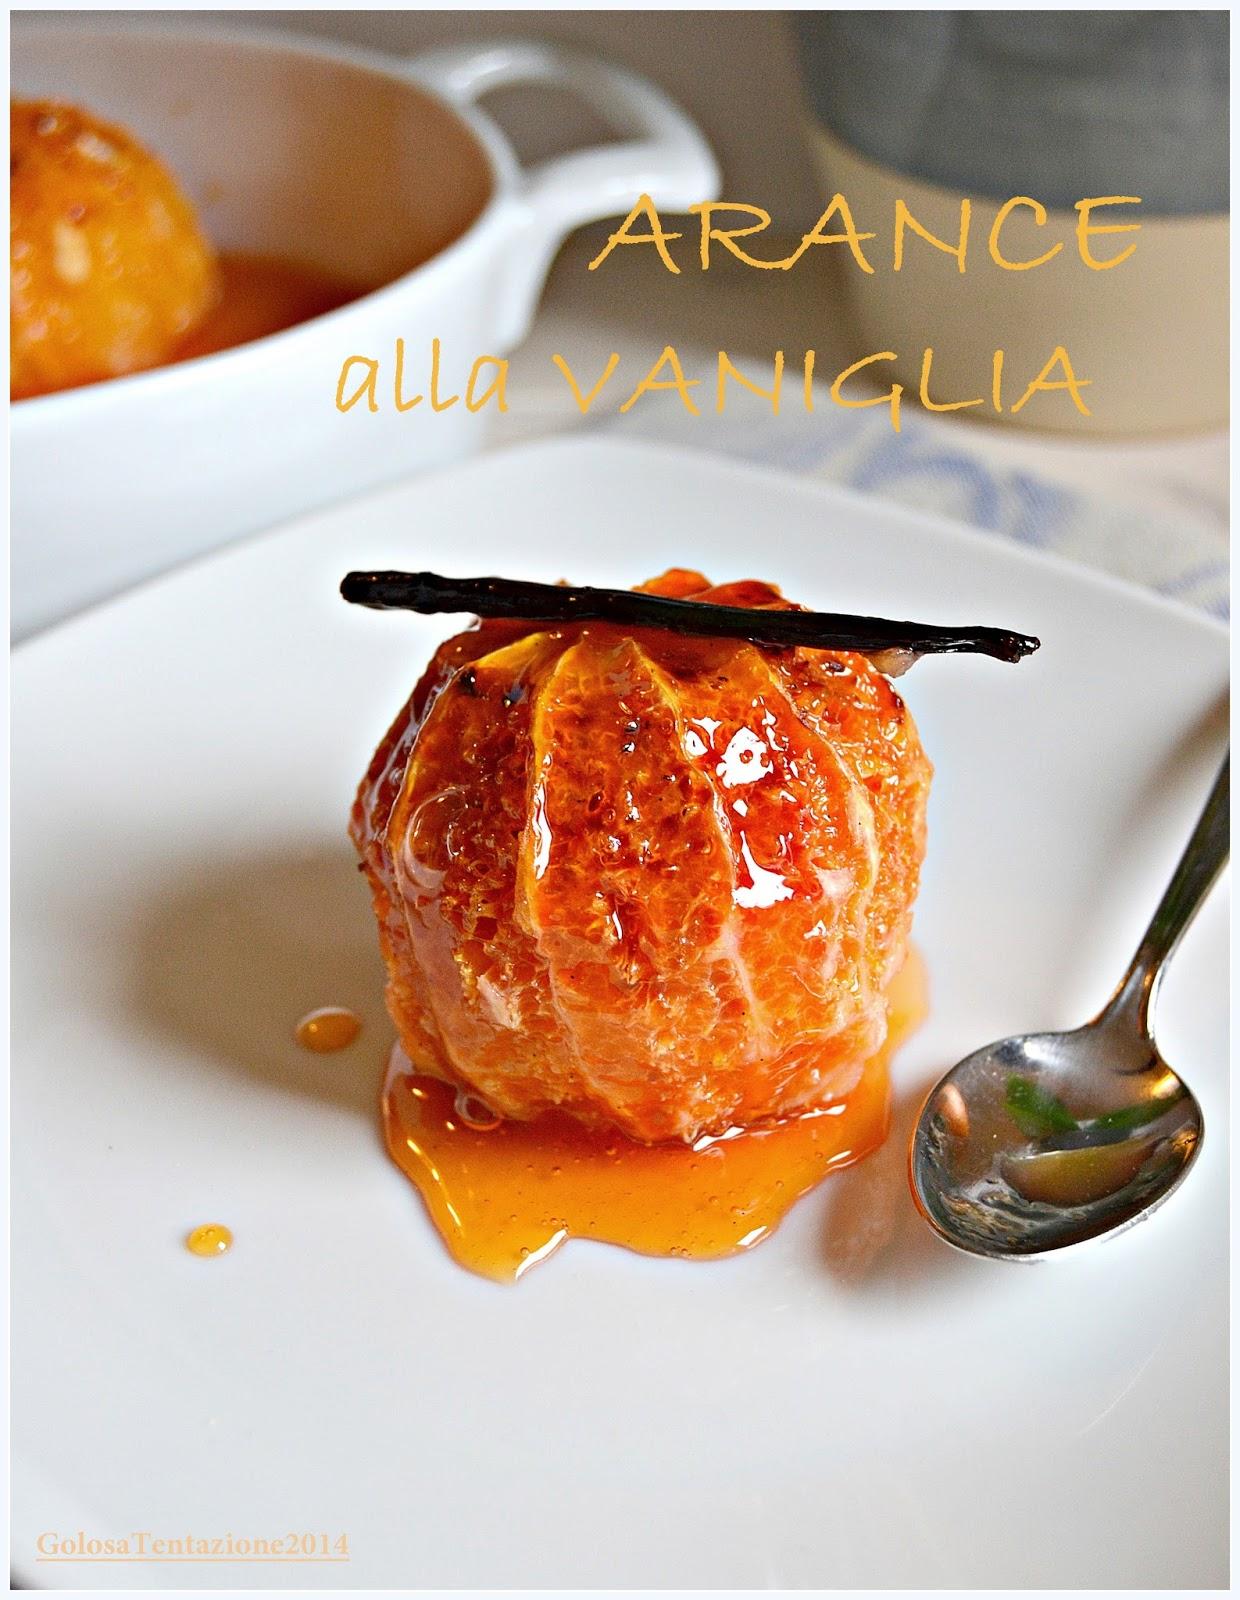 arance alla vaniglia